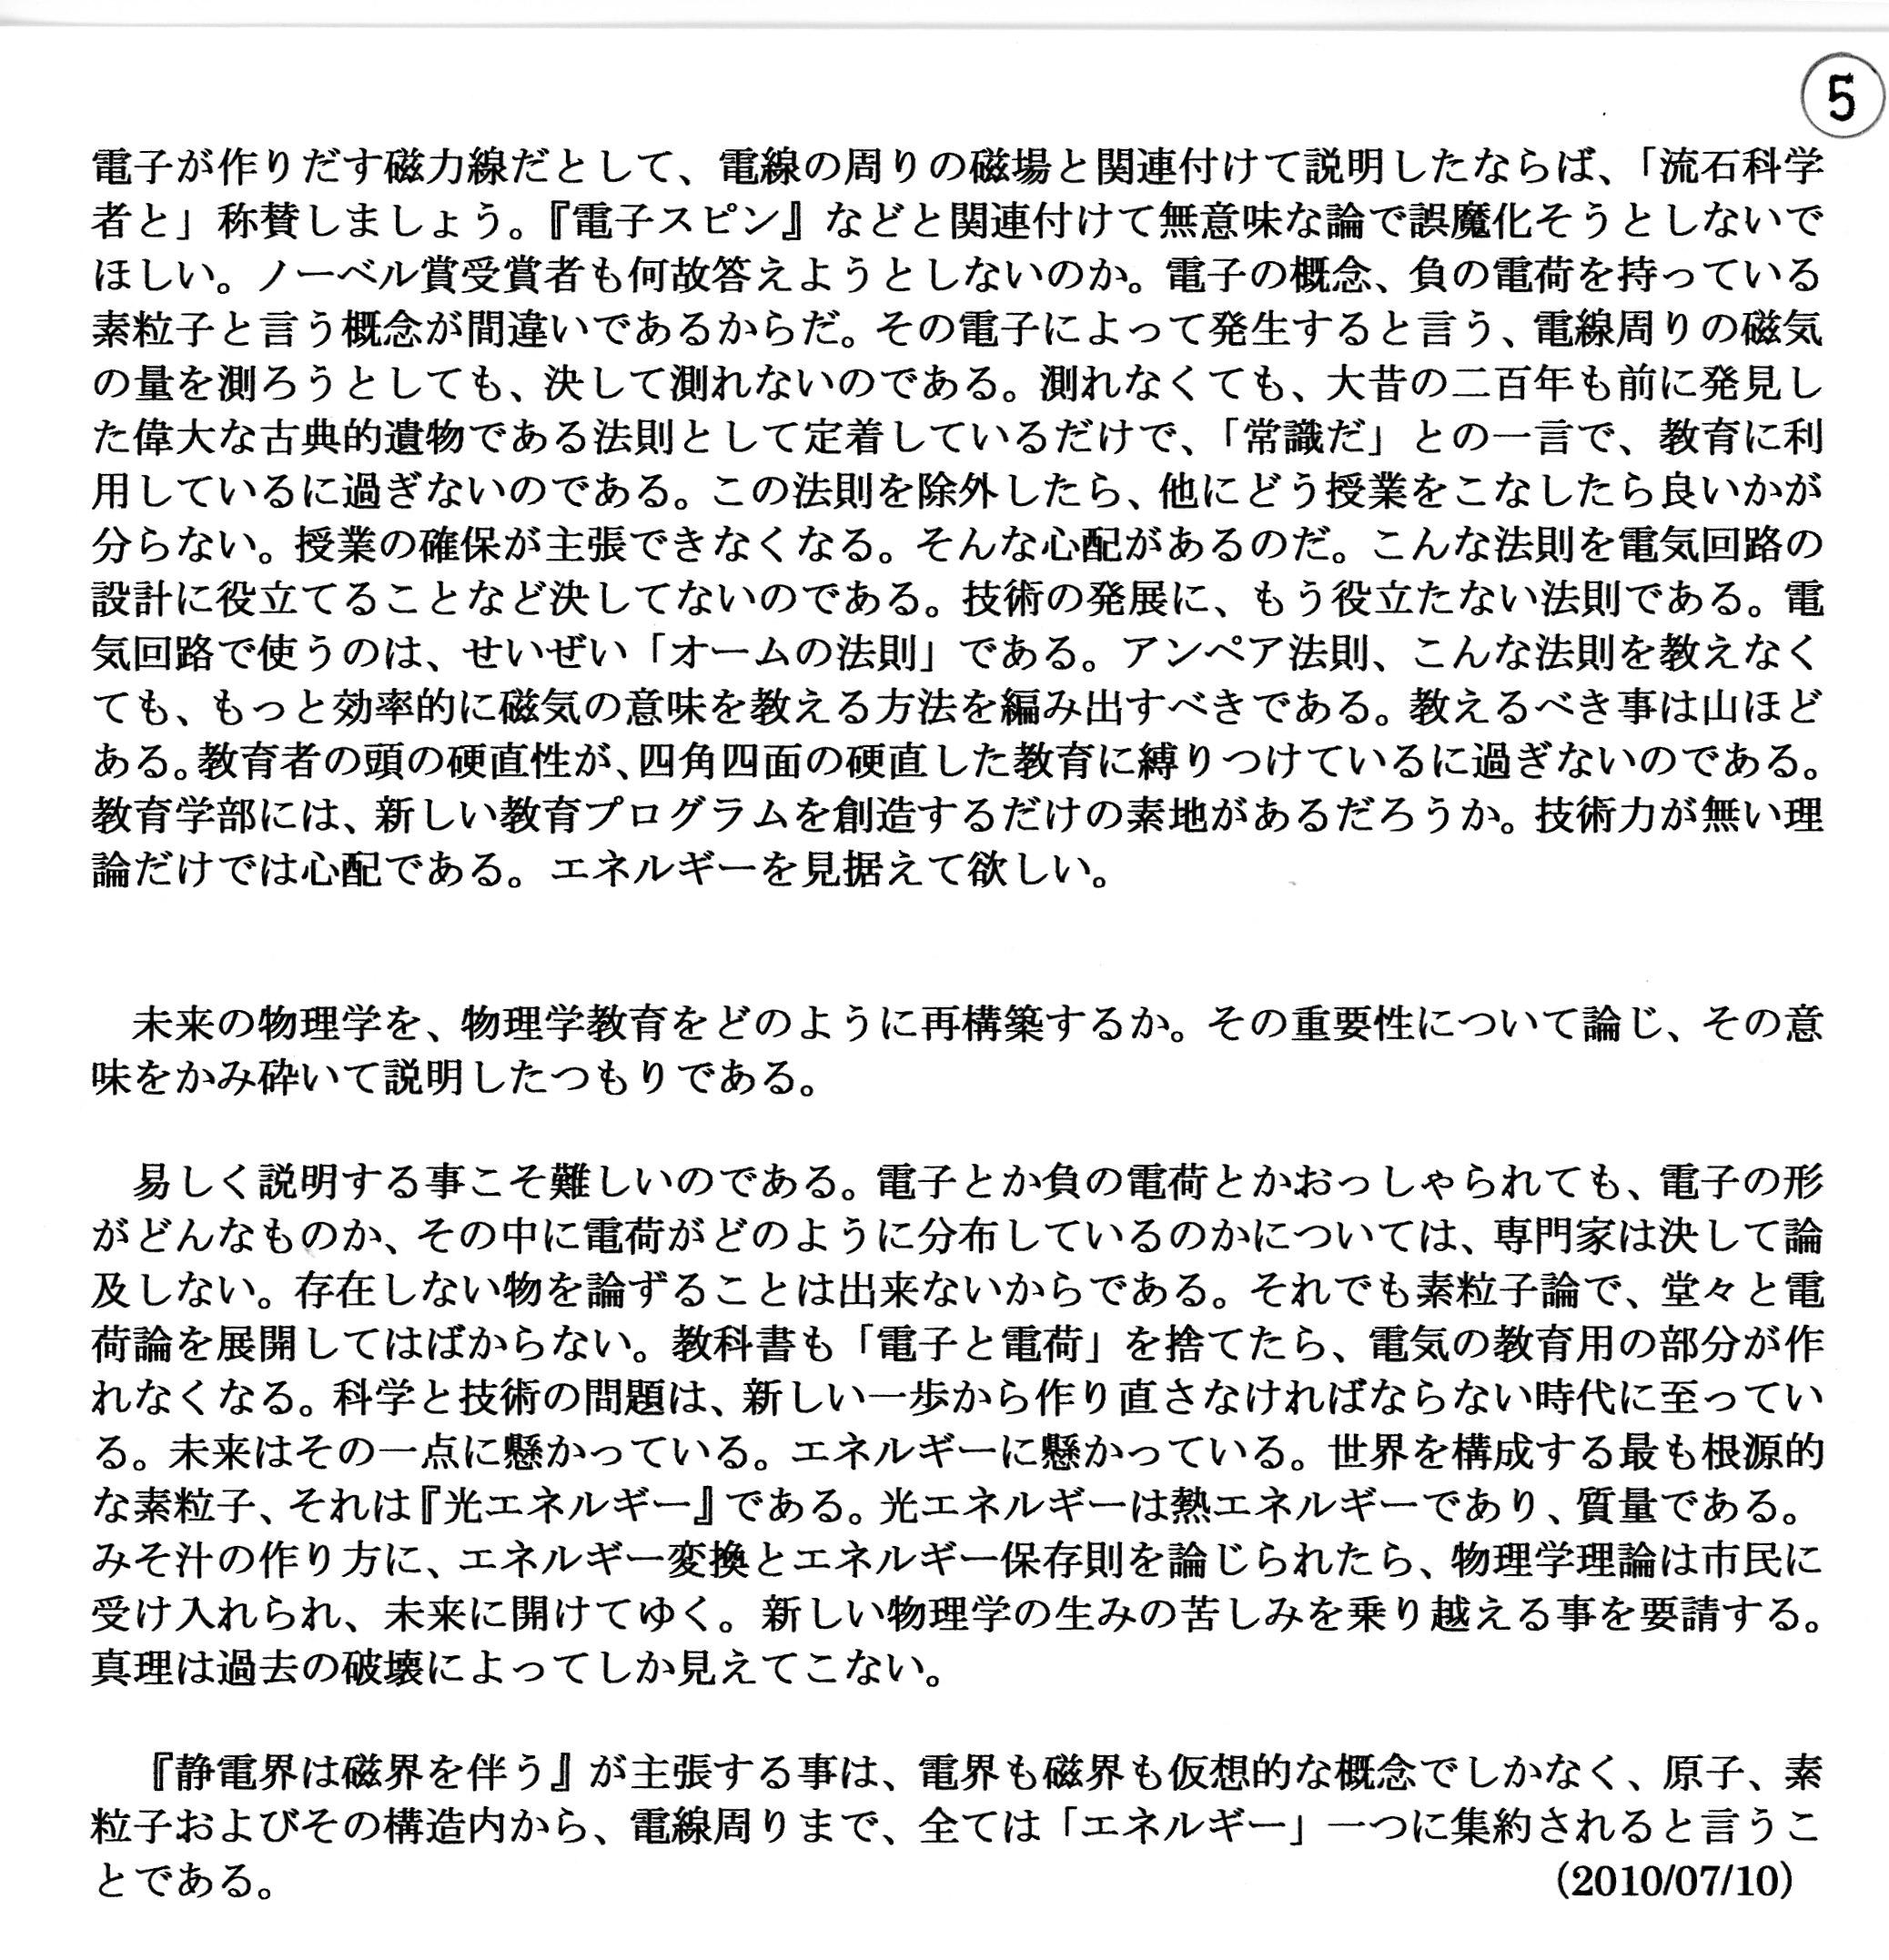 静電界解説(5)